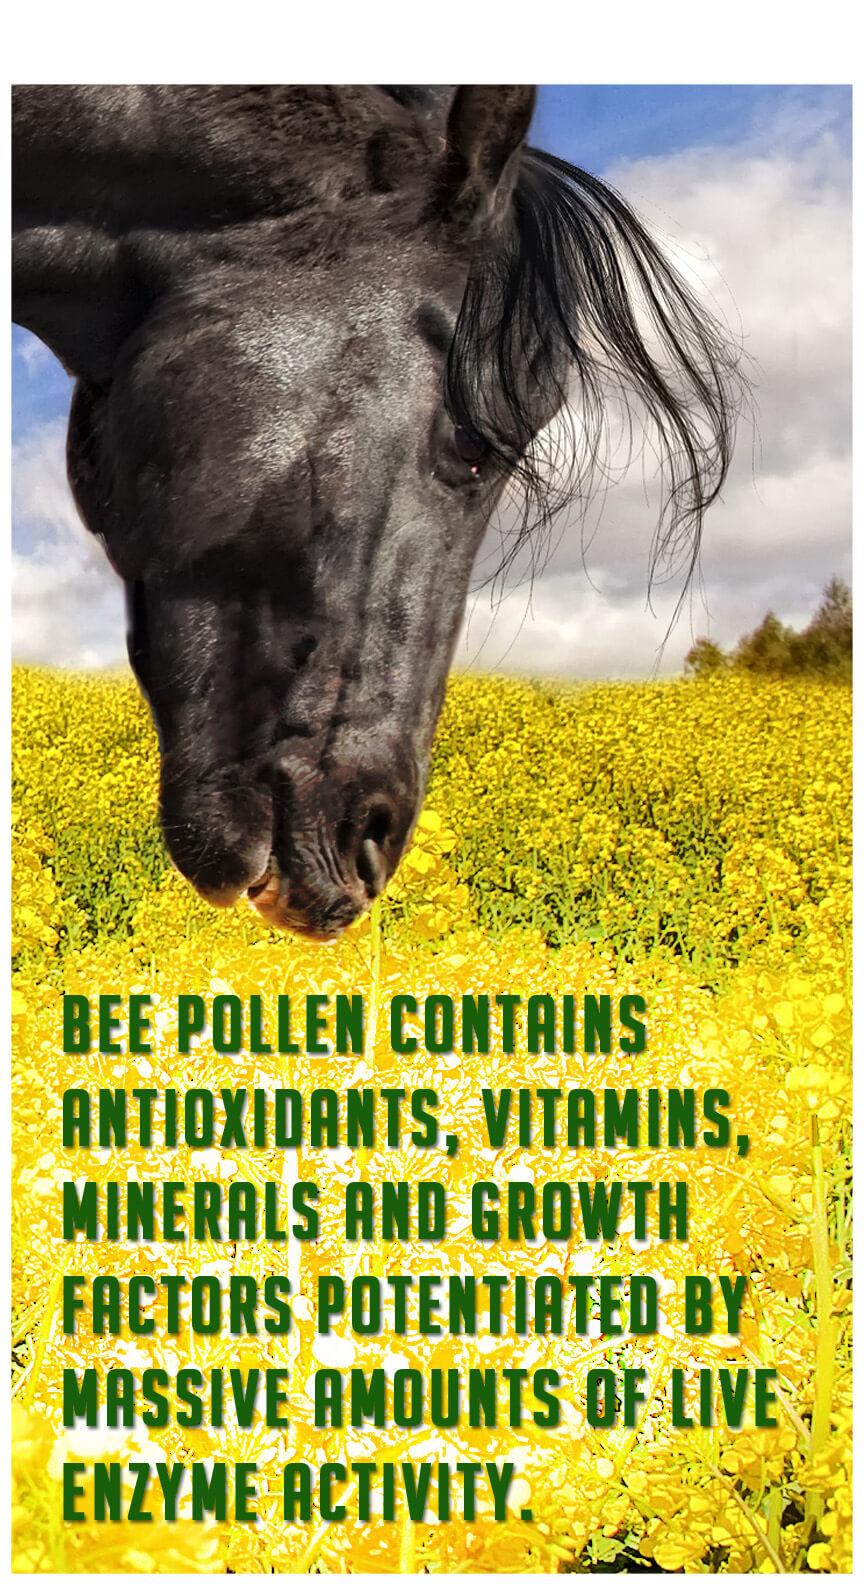 Bee pollen.